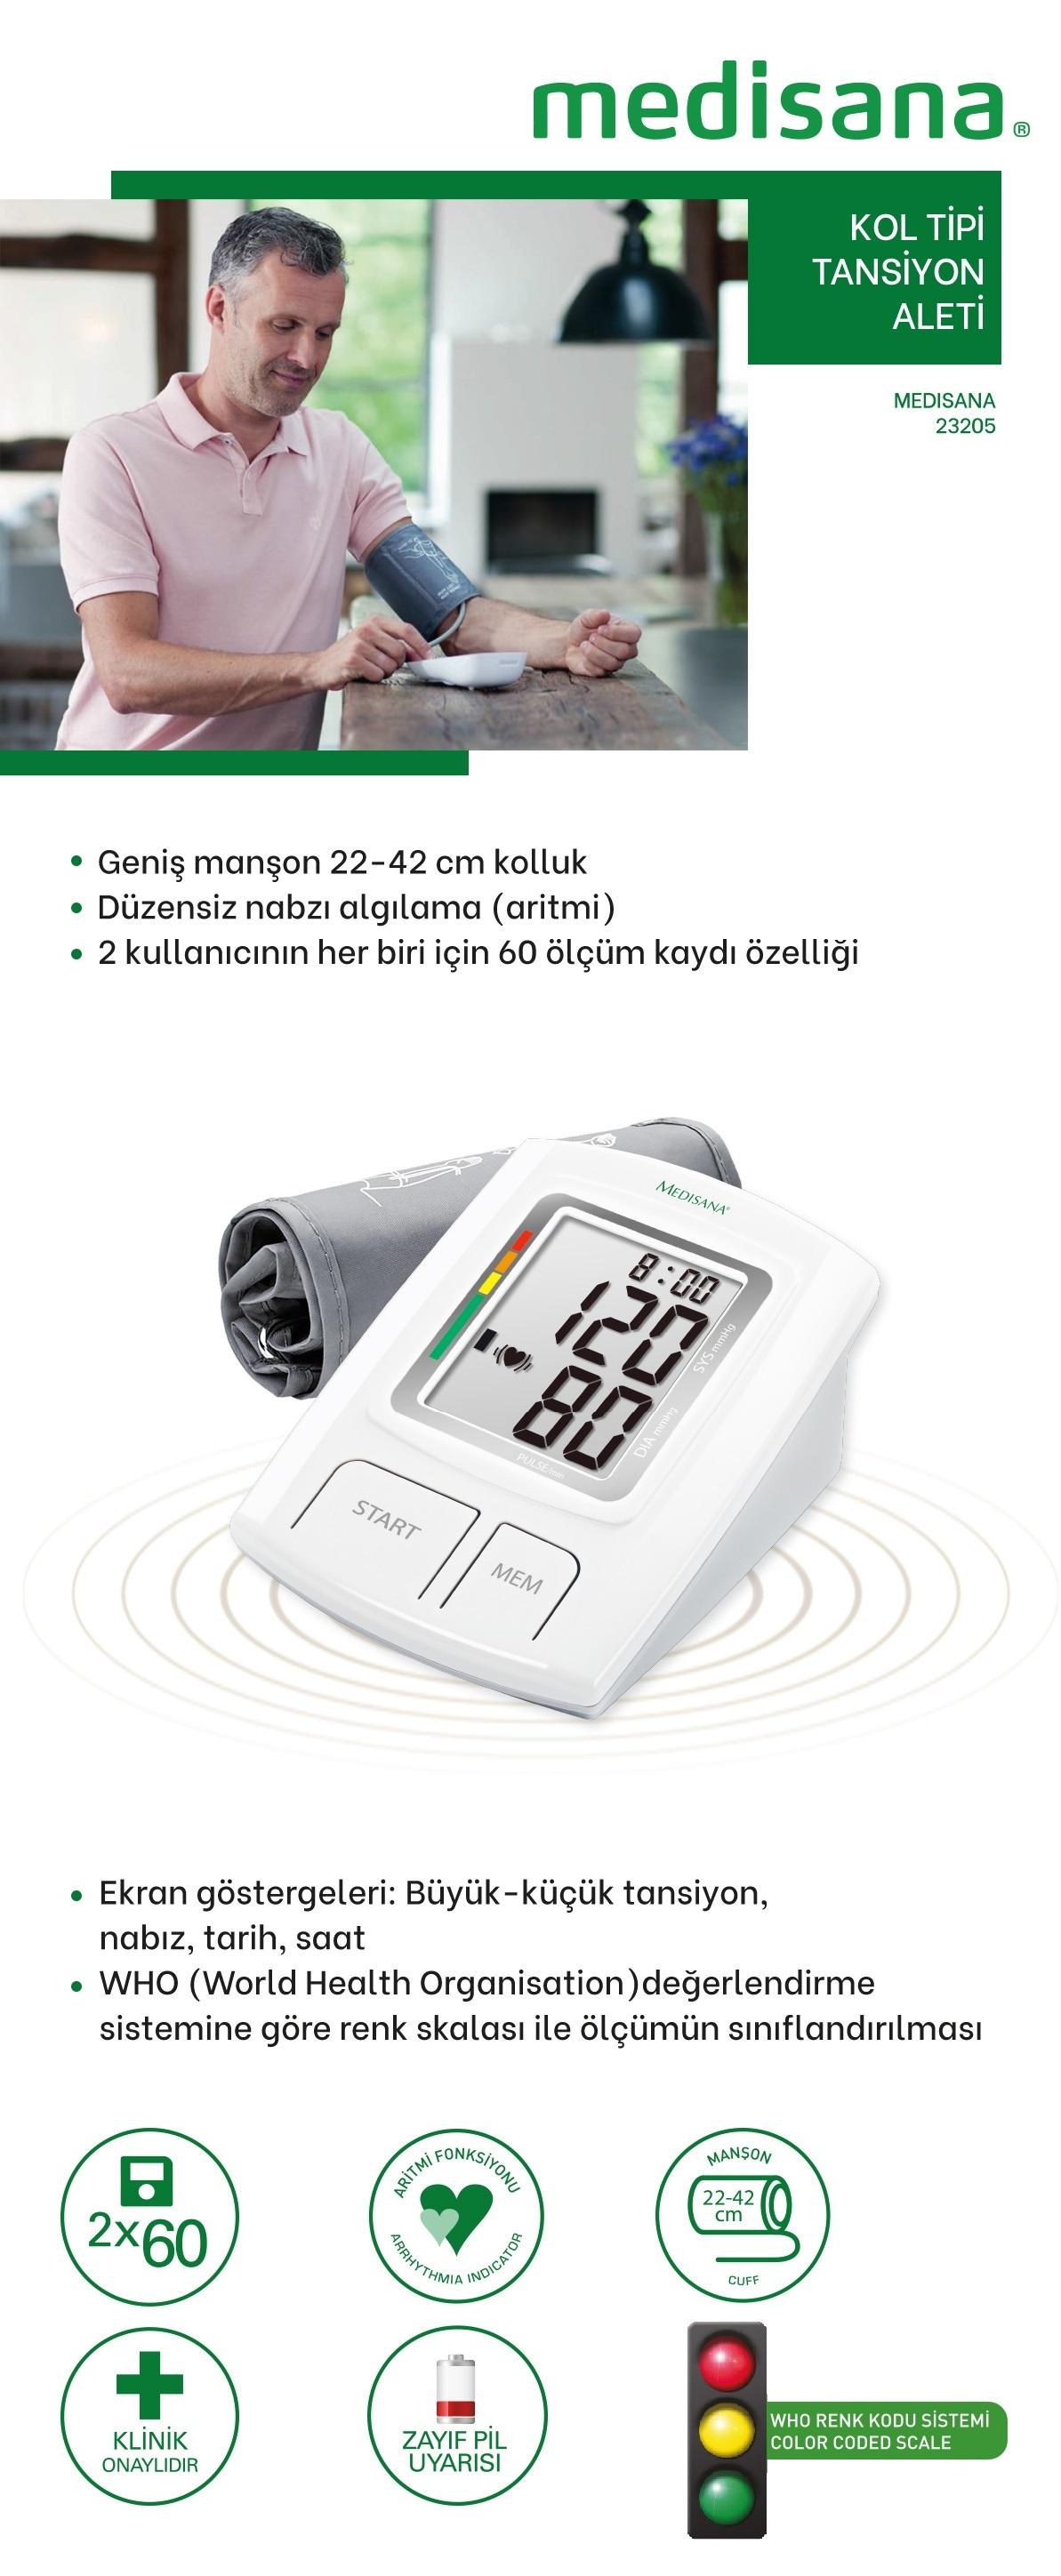 Medisana 23205 Kol Tipi Digital Tansiyon Aleti Fiyati